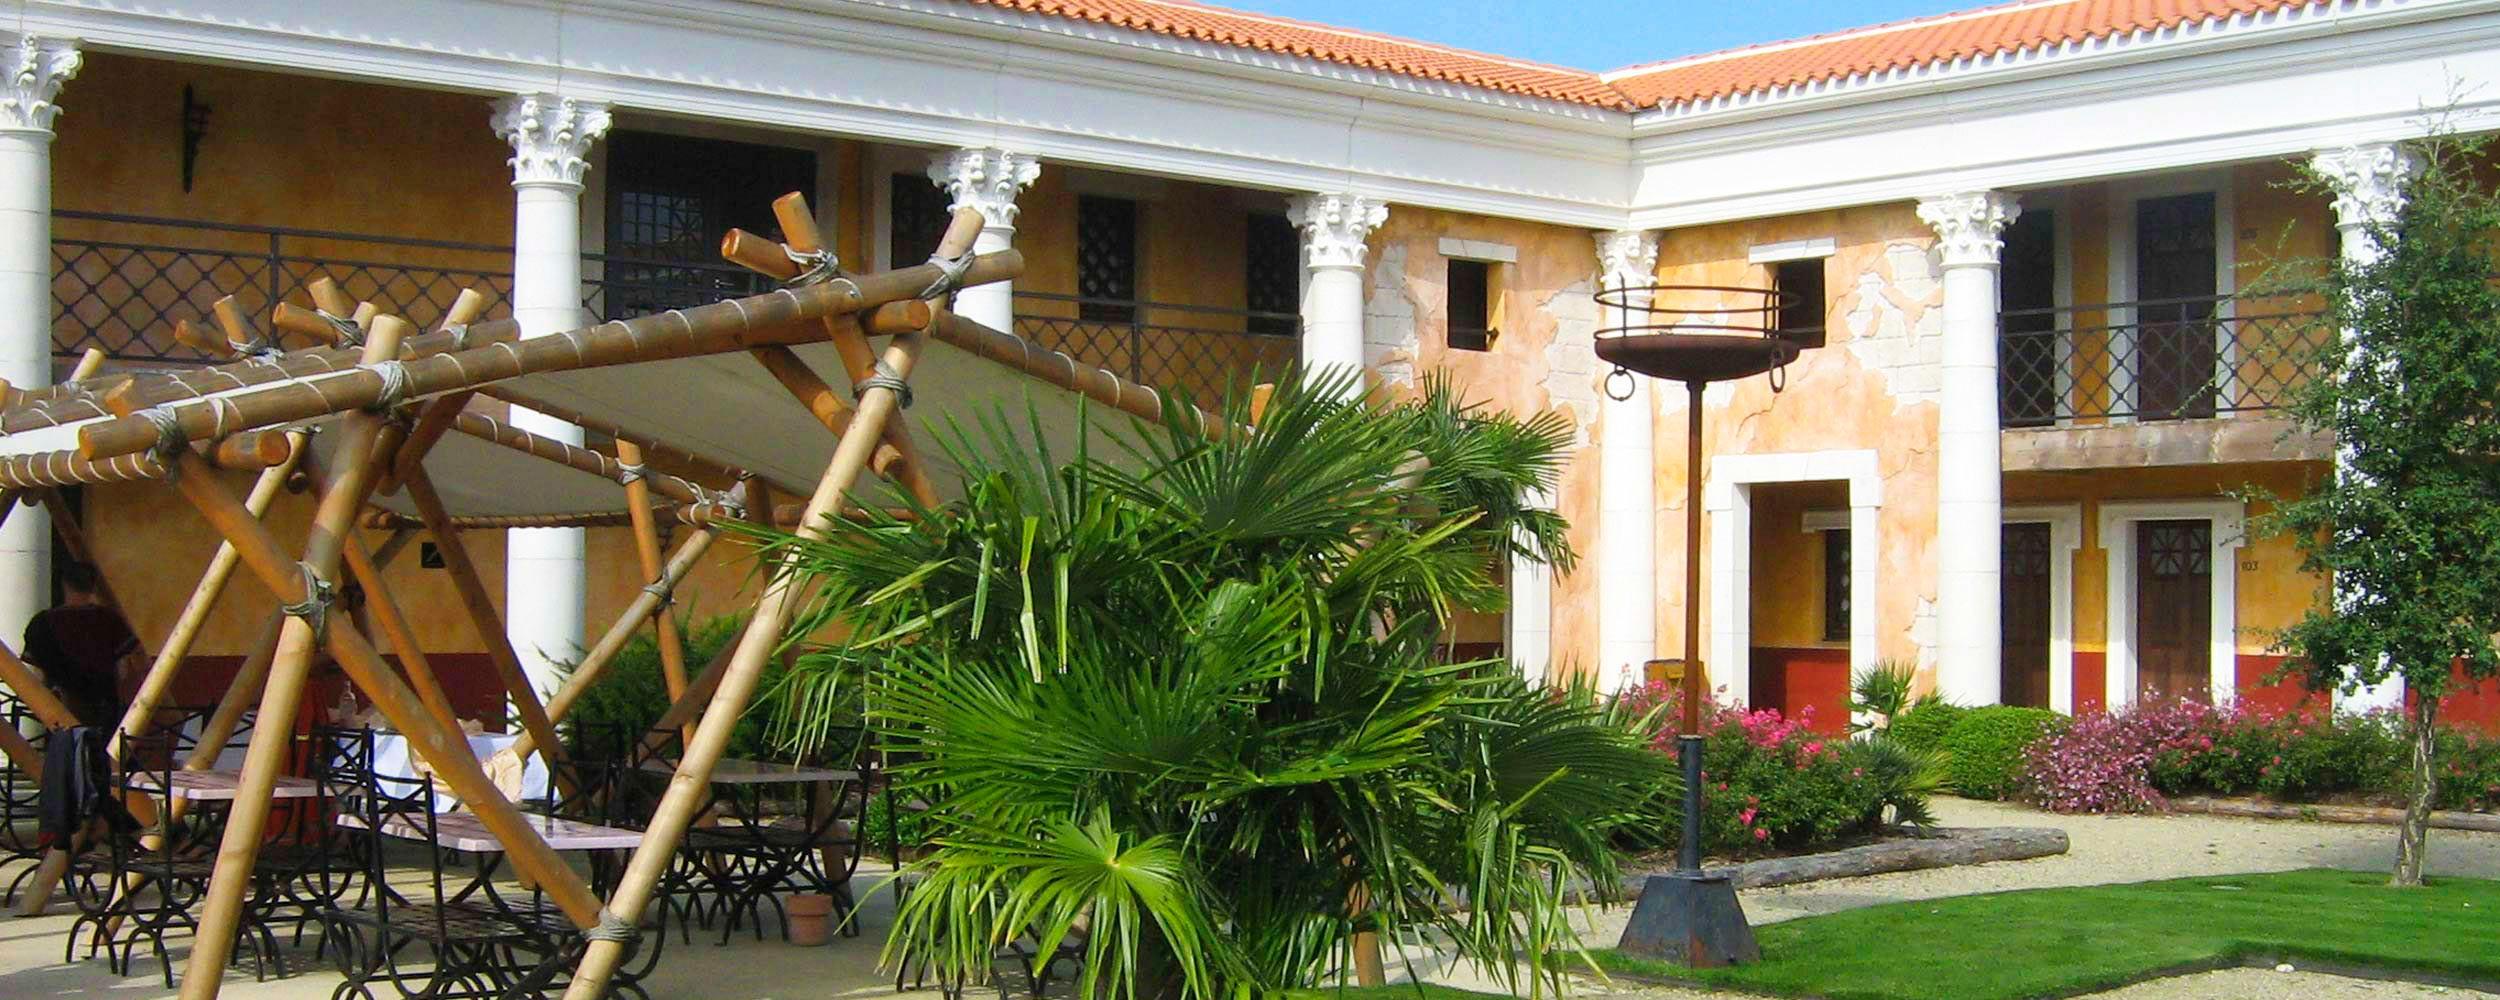 6 k puy du fou villa gallo tourisme b timents - La villa gallo romaine puy du fou ...